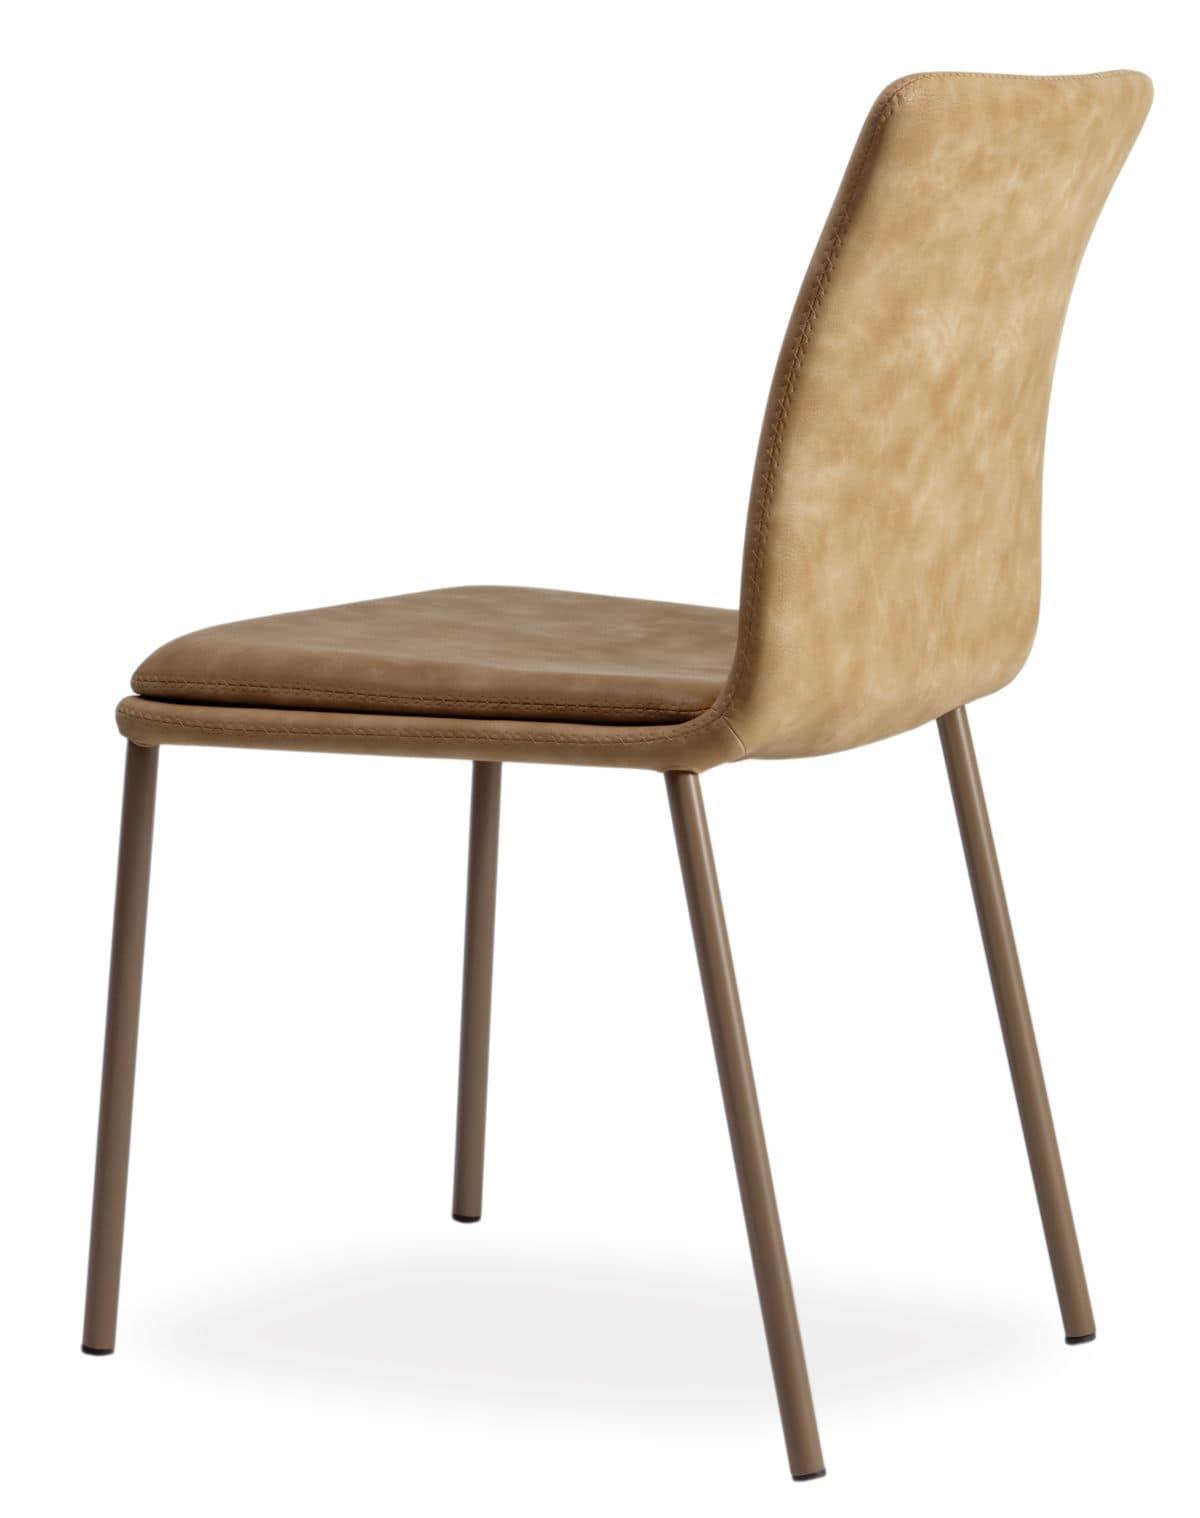 moderner stuhl mit gepolstertem sitz ideal f r bars und. Black Bedroom Furniture Sets. Home Design Ideas